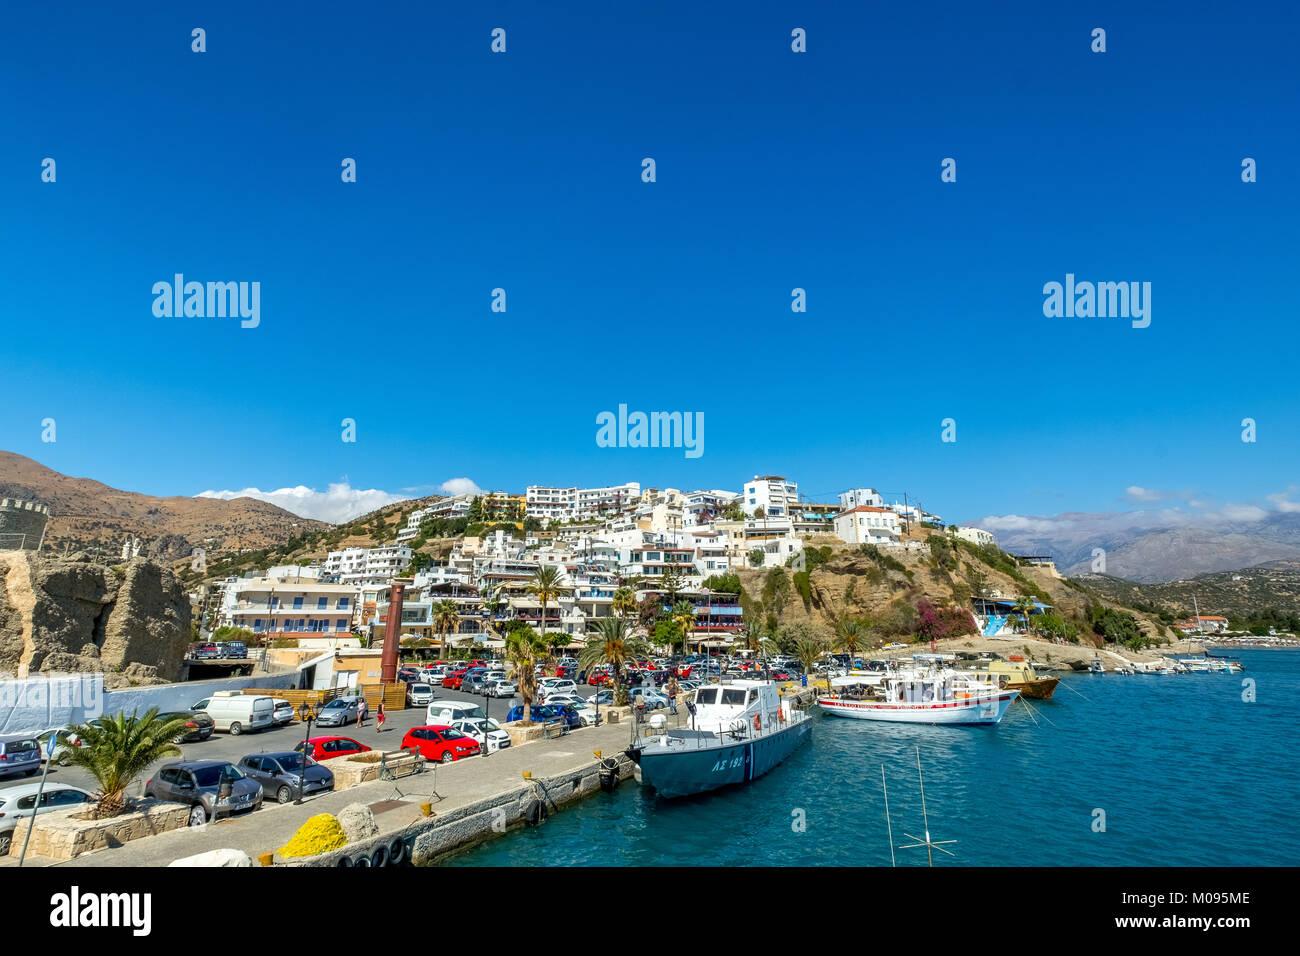 Fischerboote im Hafen von Agia Galini, Kreta, Griechenland, Europa, Agia Galini, Europa, Kreta, Griechenland, GR, Stockbild